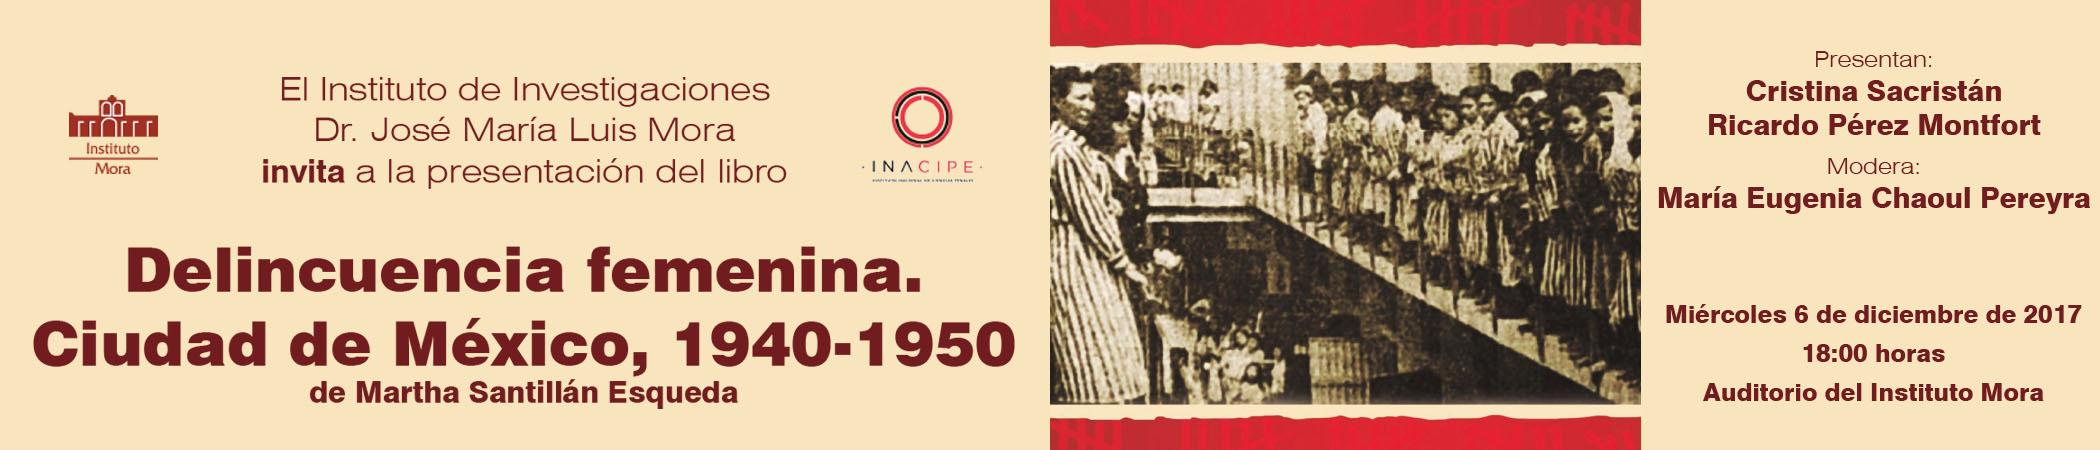 Presentación del libro Delincuencia femenina. Ciudad de México, 1940-1950